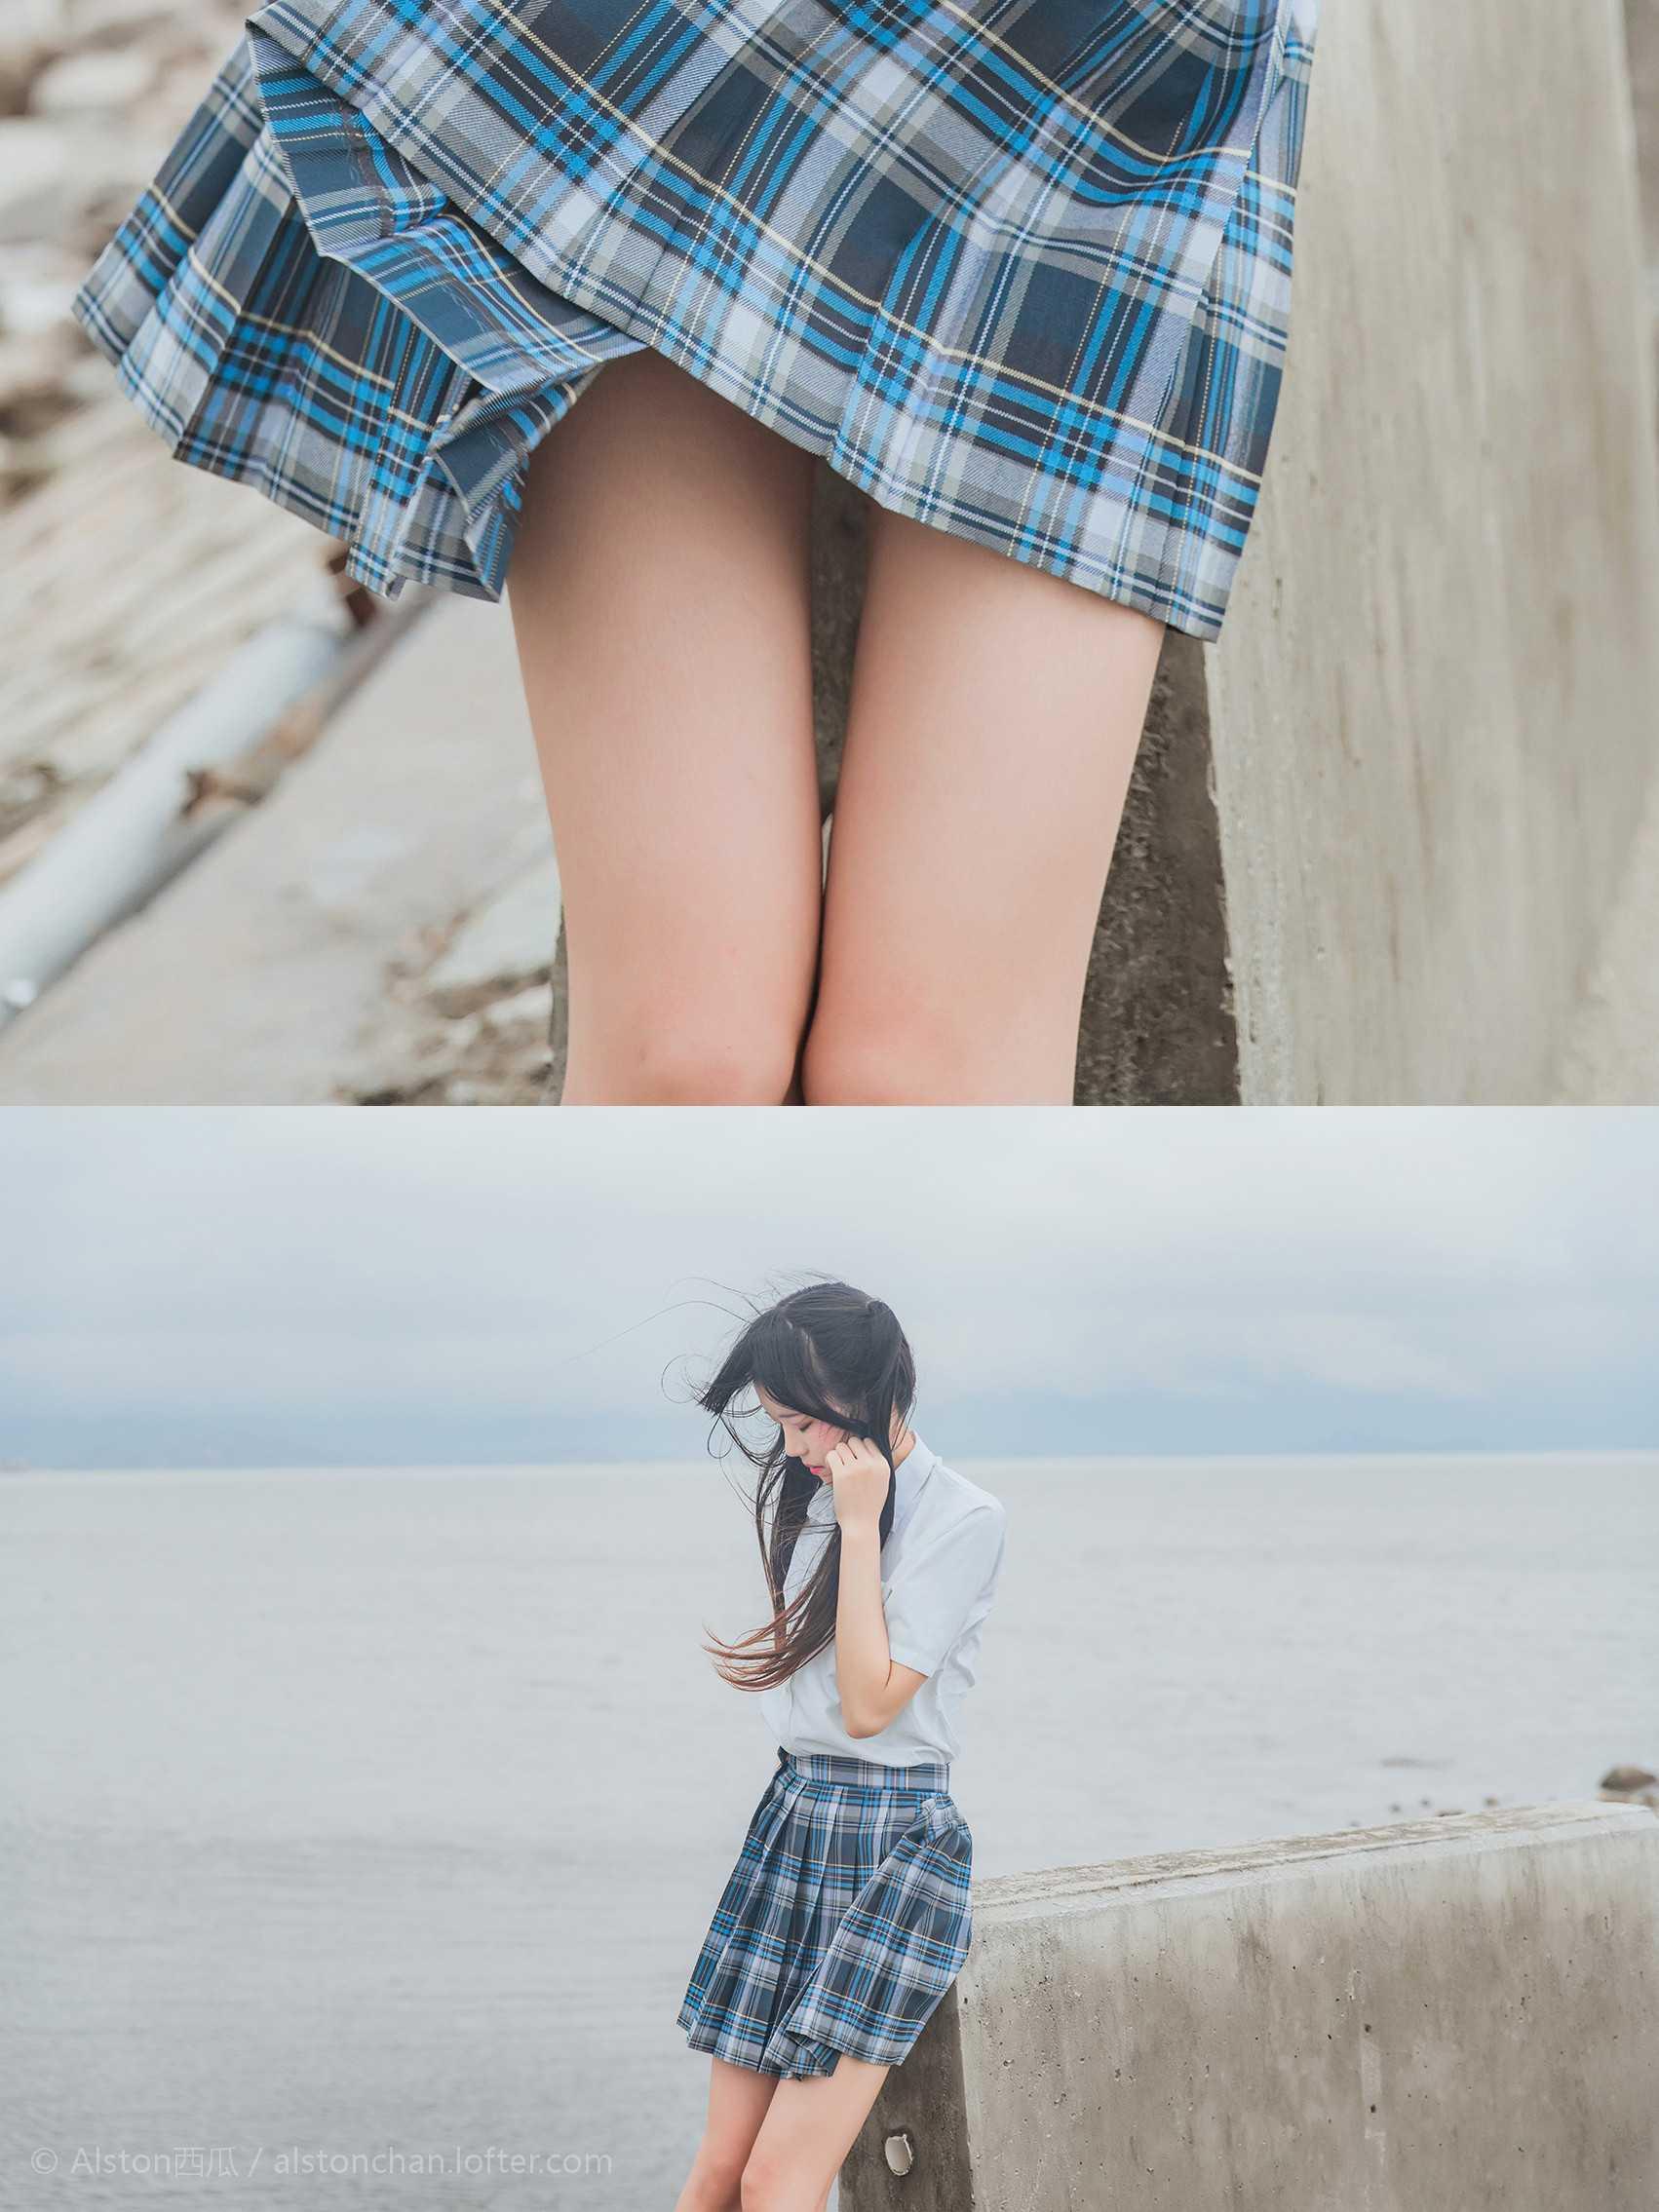 免费⭐微博红人⭐桜桃喵@写真cos-海边(桜桃喵 )插图2